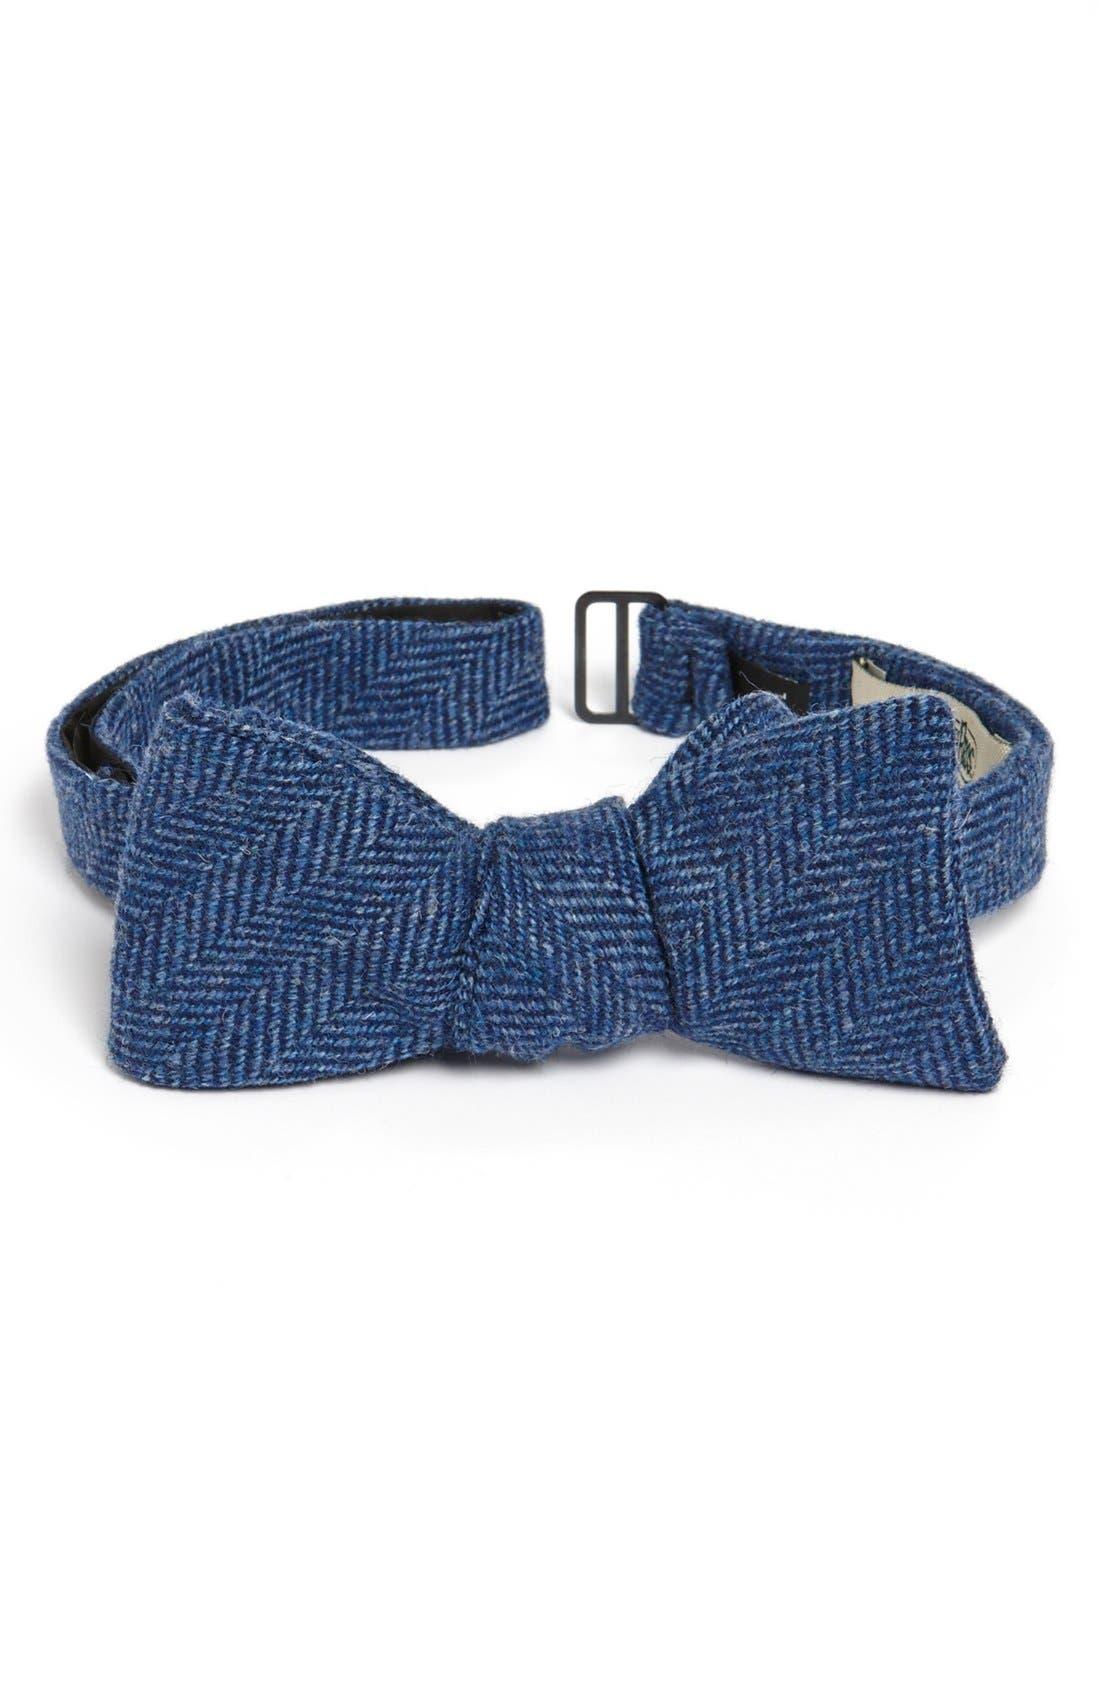 Alternate Image 1 Selected - Gitman Merino Wool Bow Tie